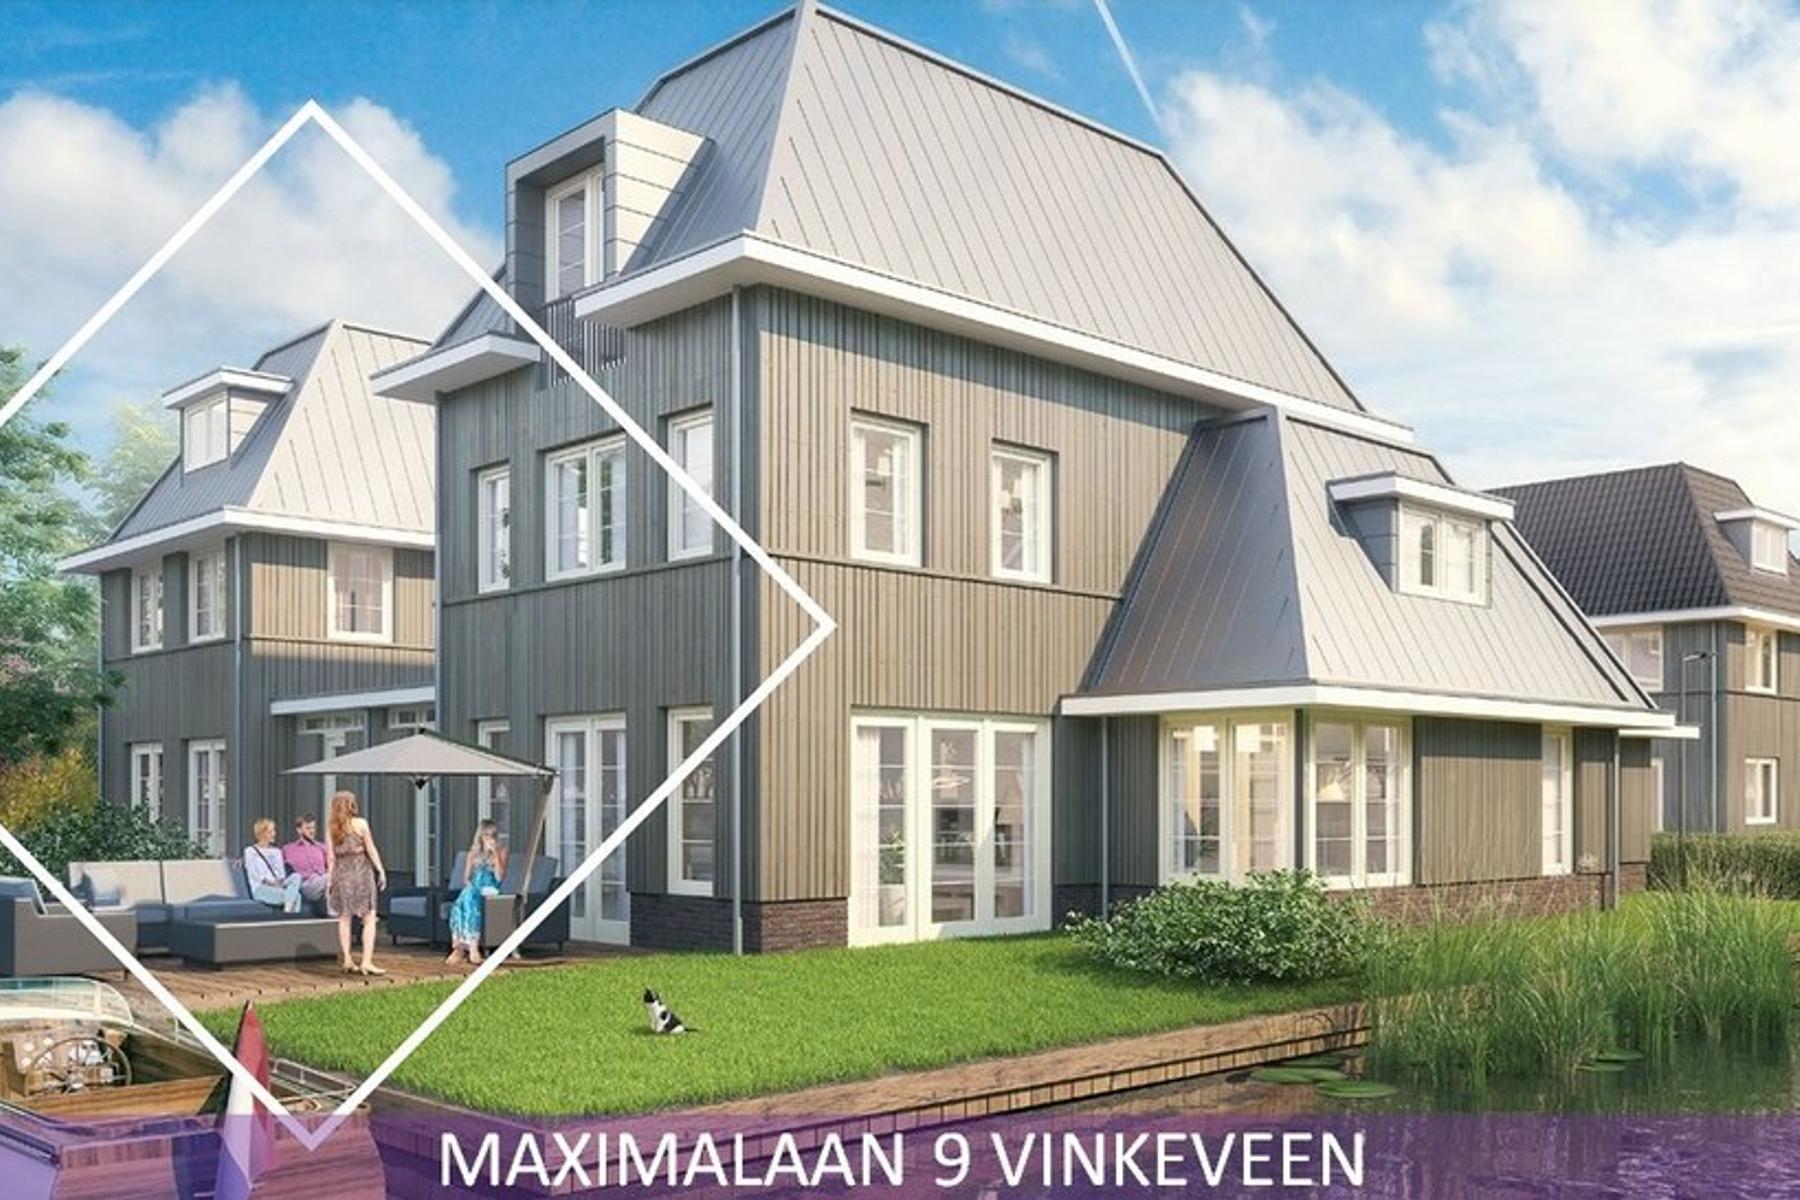 Maximalaan 9 in Vinkeveen 3645 DT